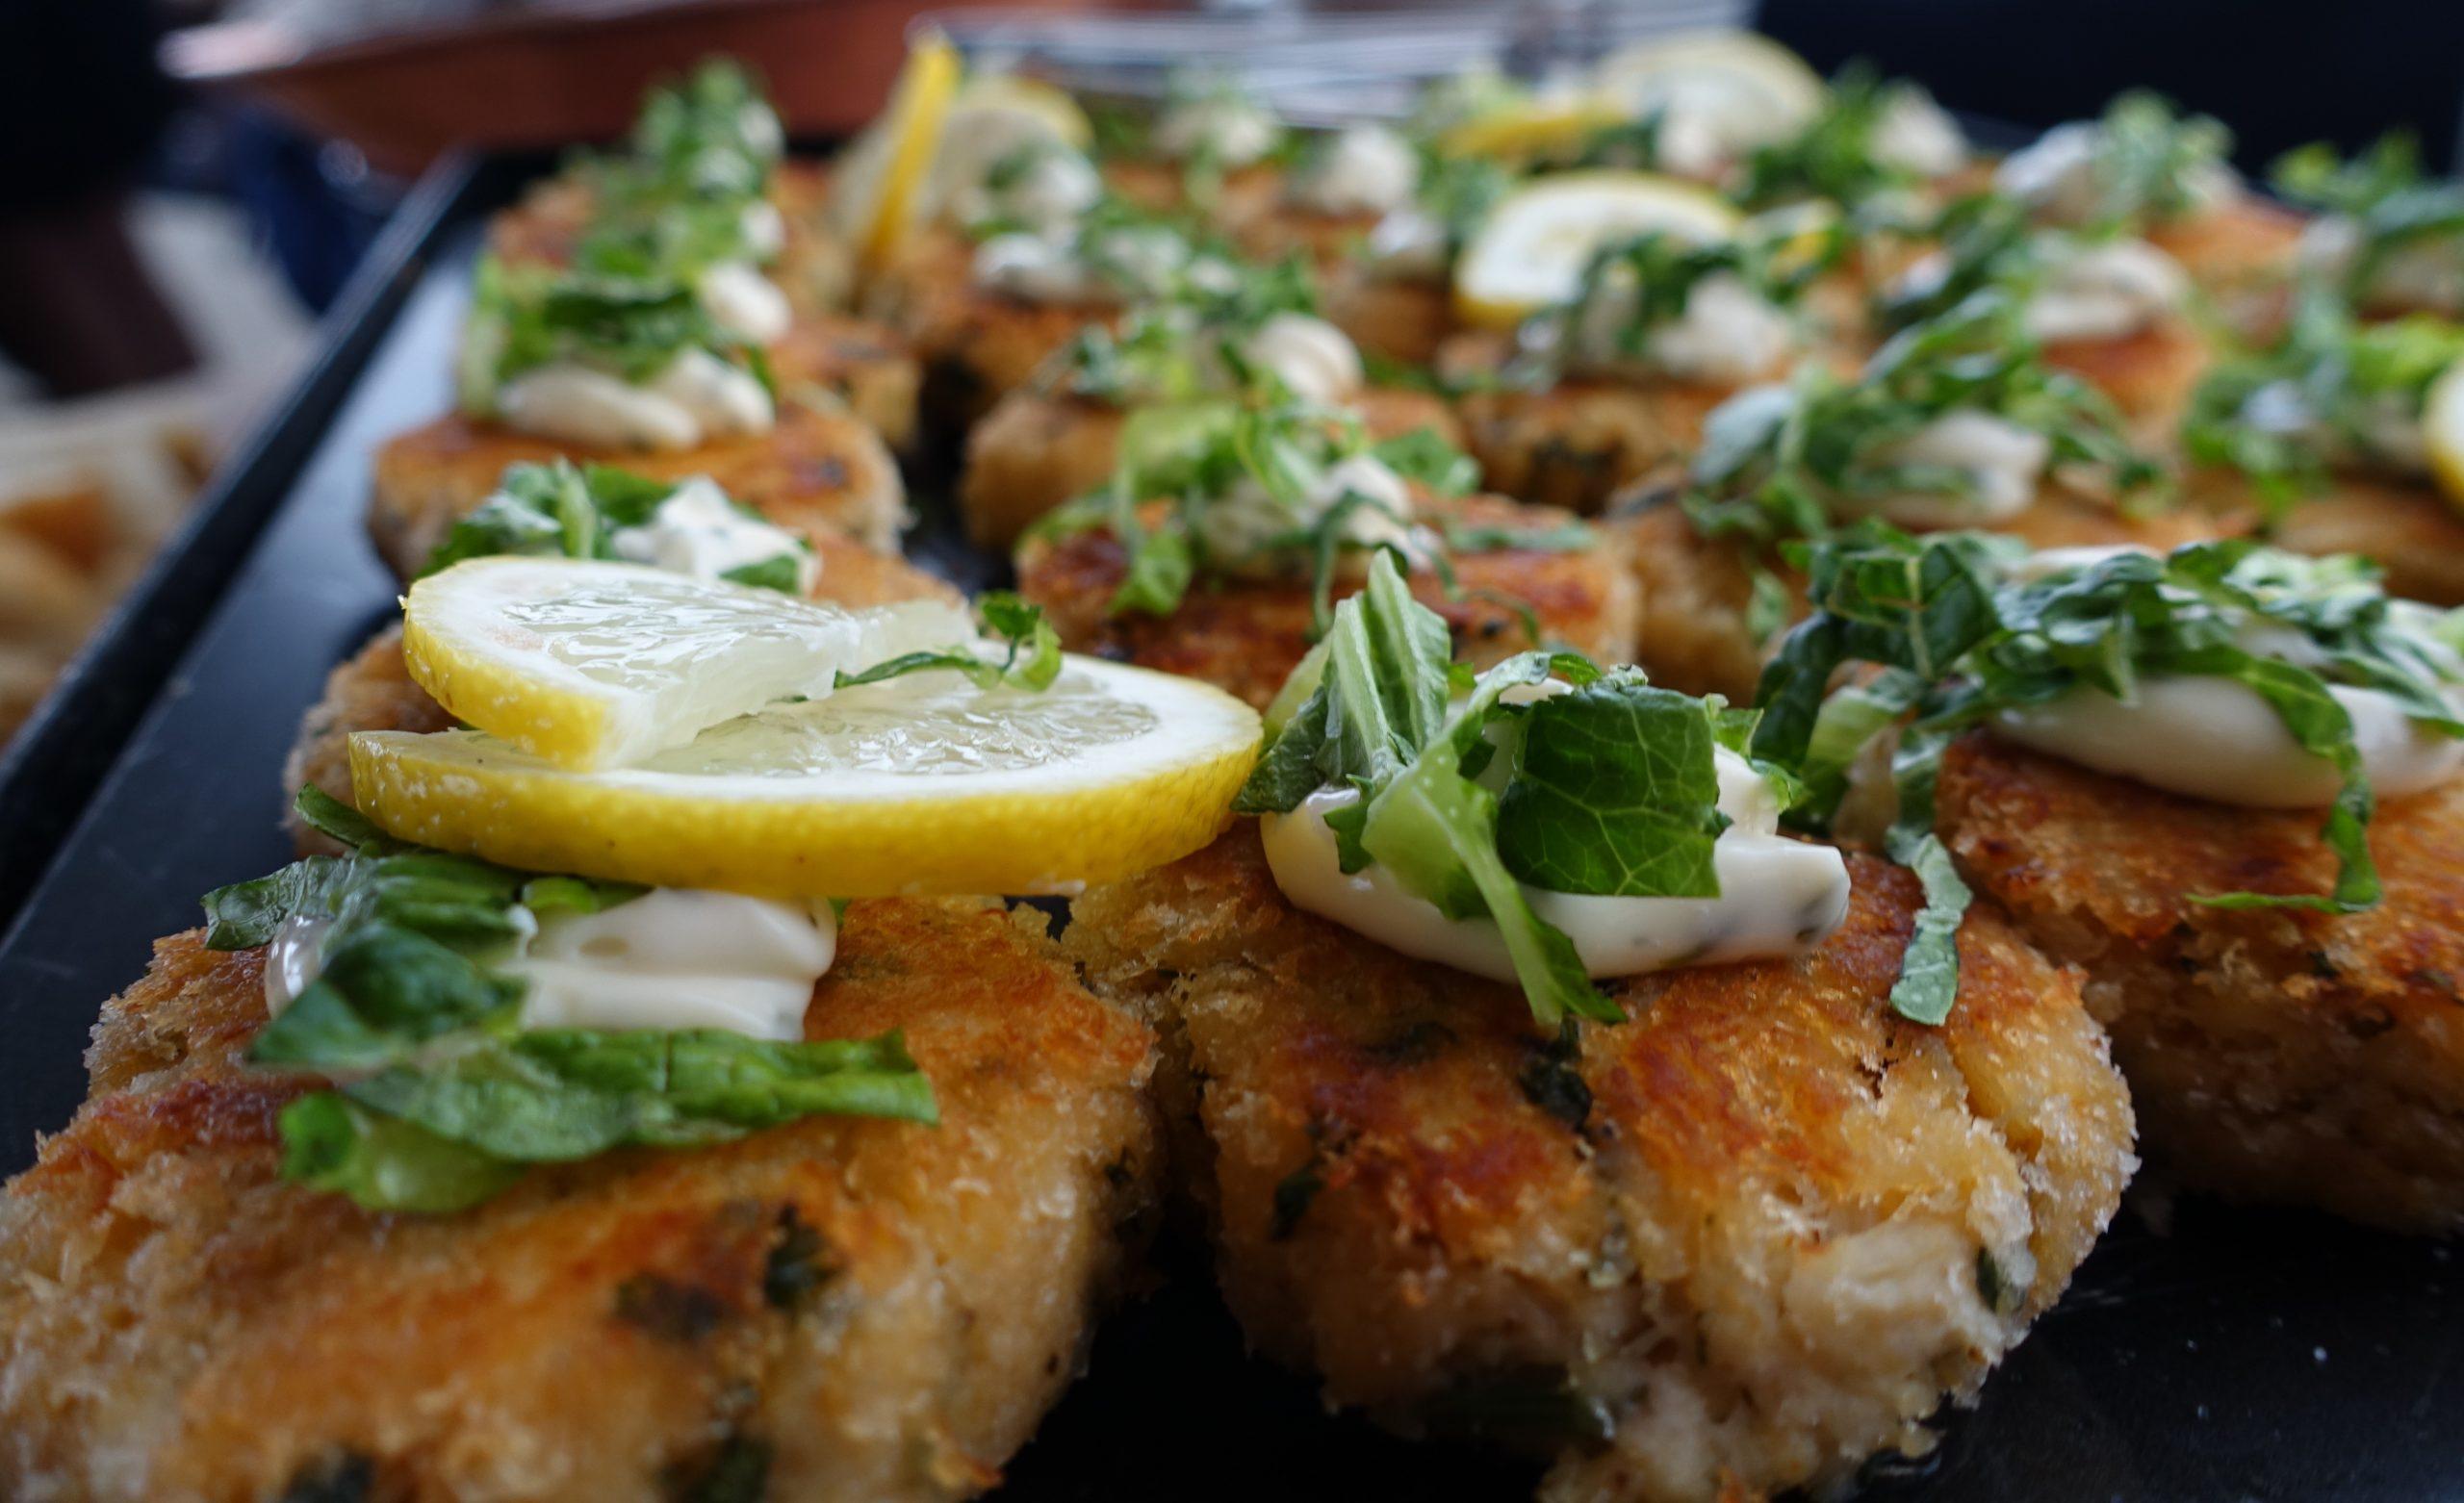 seafood served